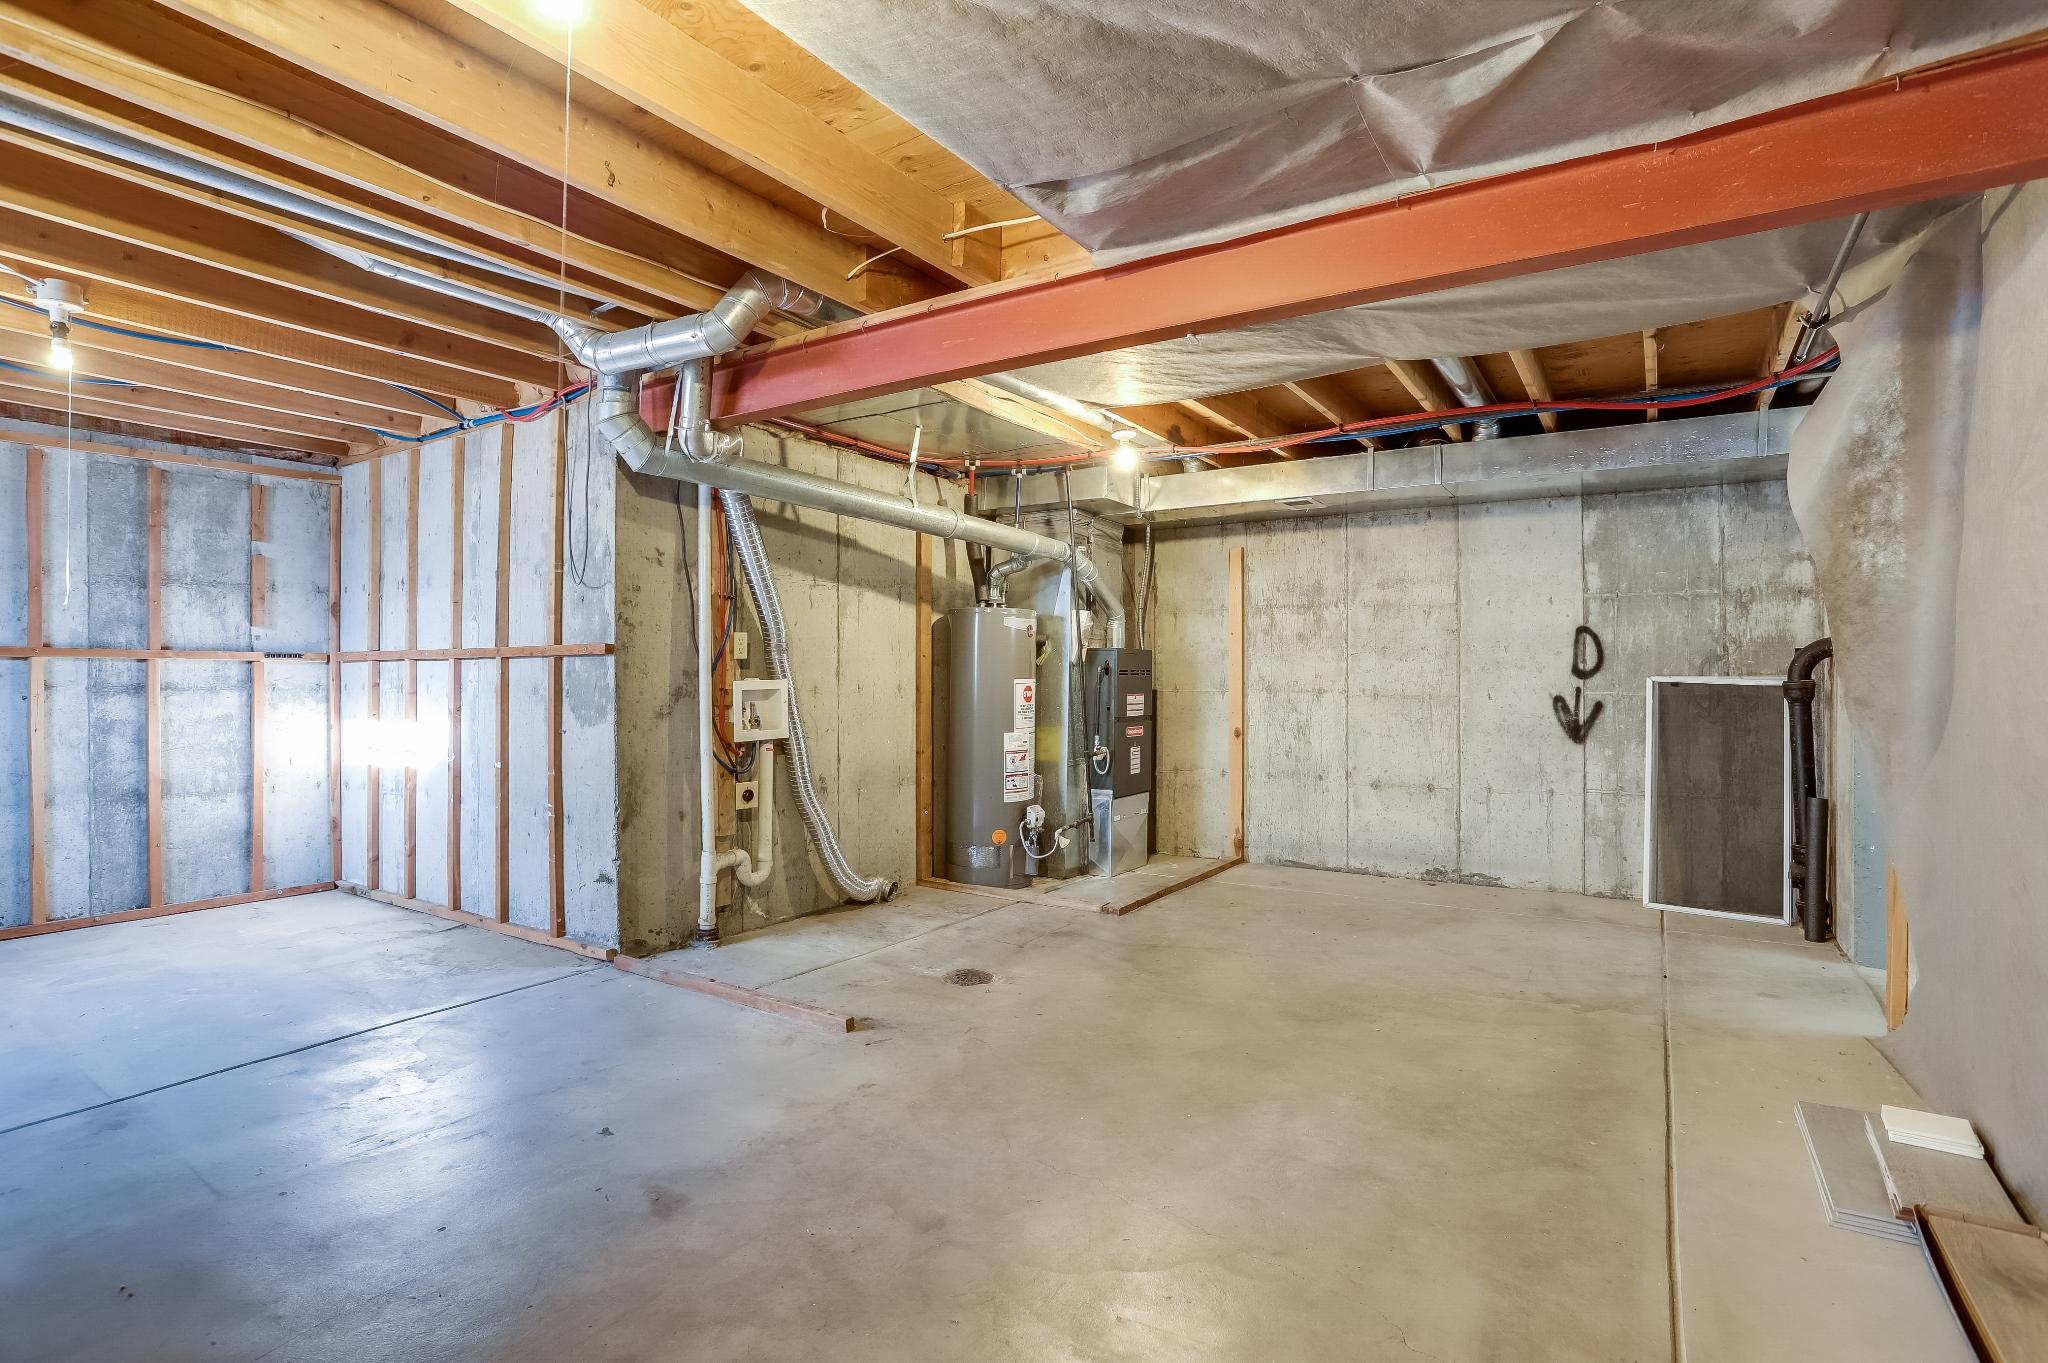 REAL ESTATE LISTING: 4421 Eugene Way Denver Unfinished Basement